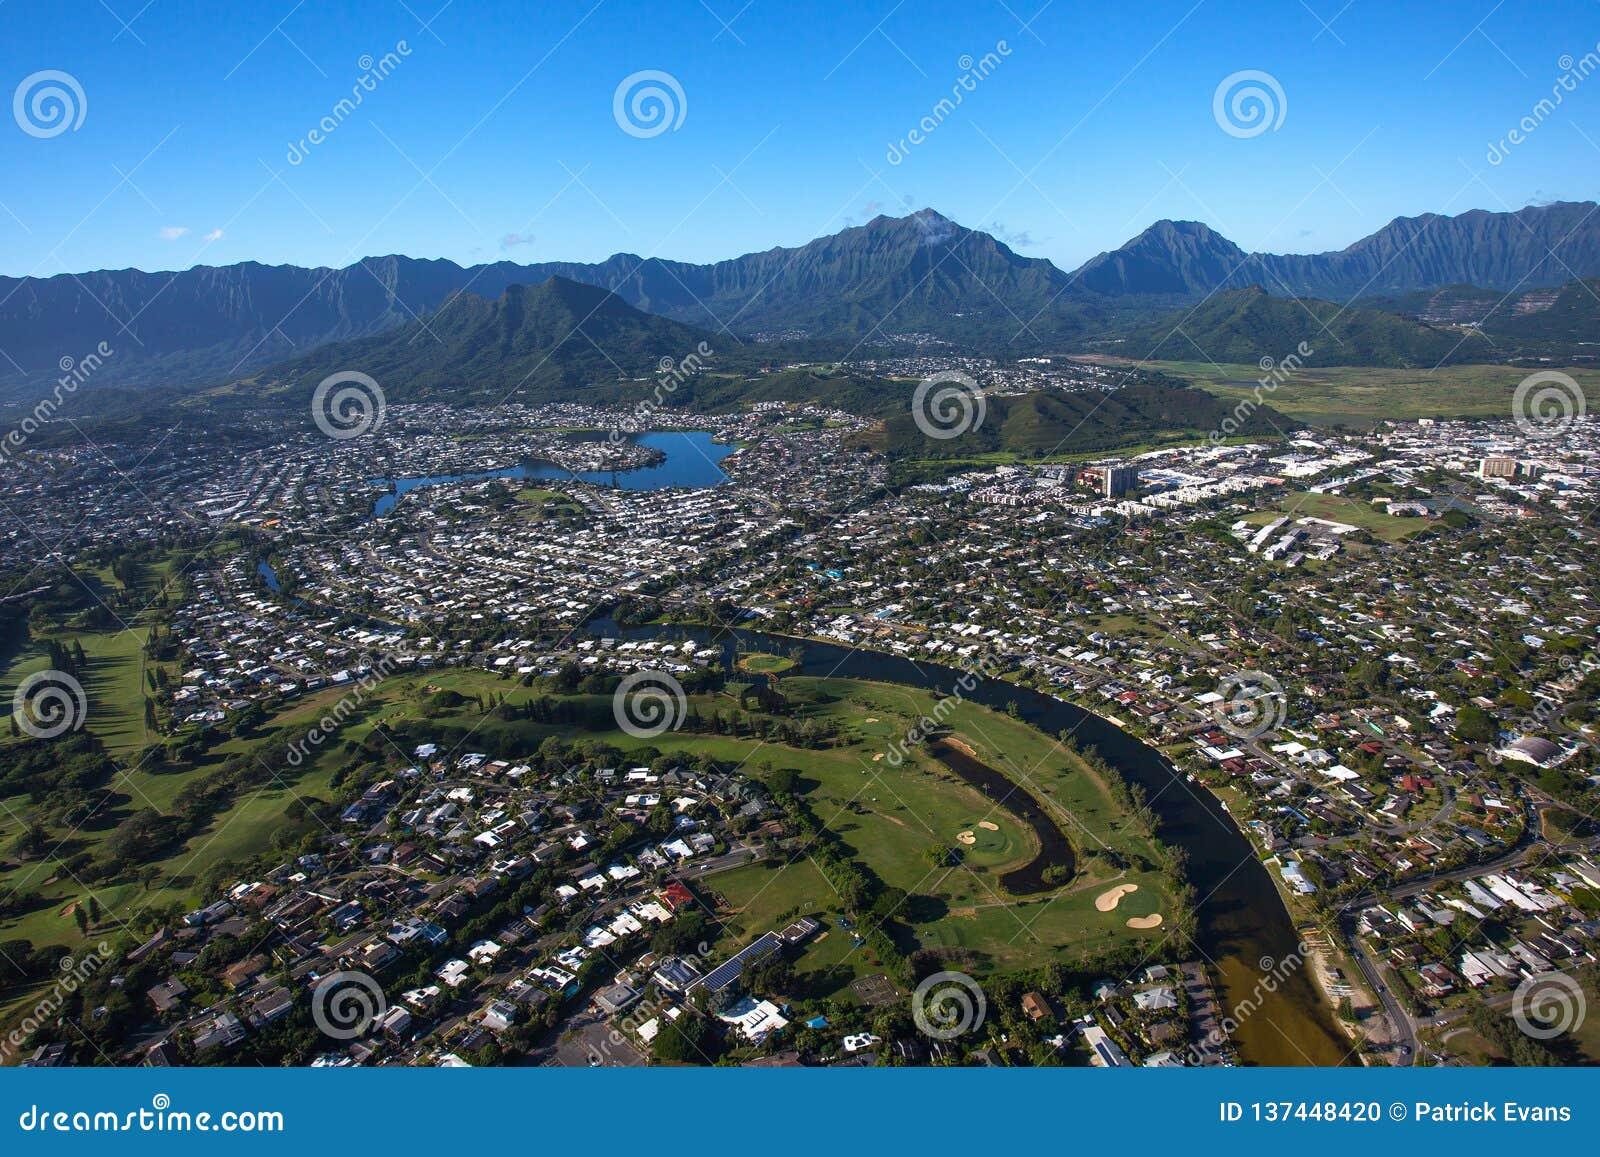 Vista aérea hermosa de Kailua, Oahu Hawaii en el lado de barlovento más verde y más lluvioso de la isla